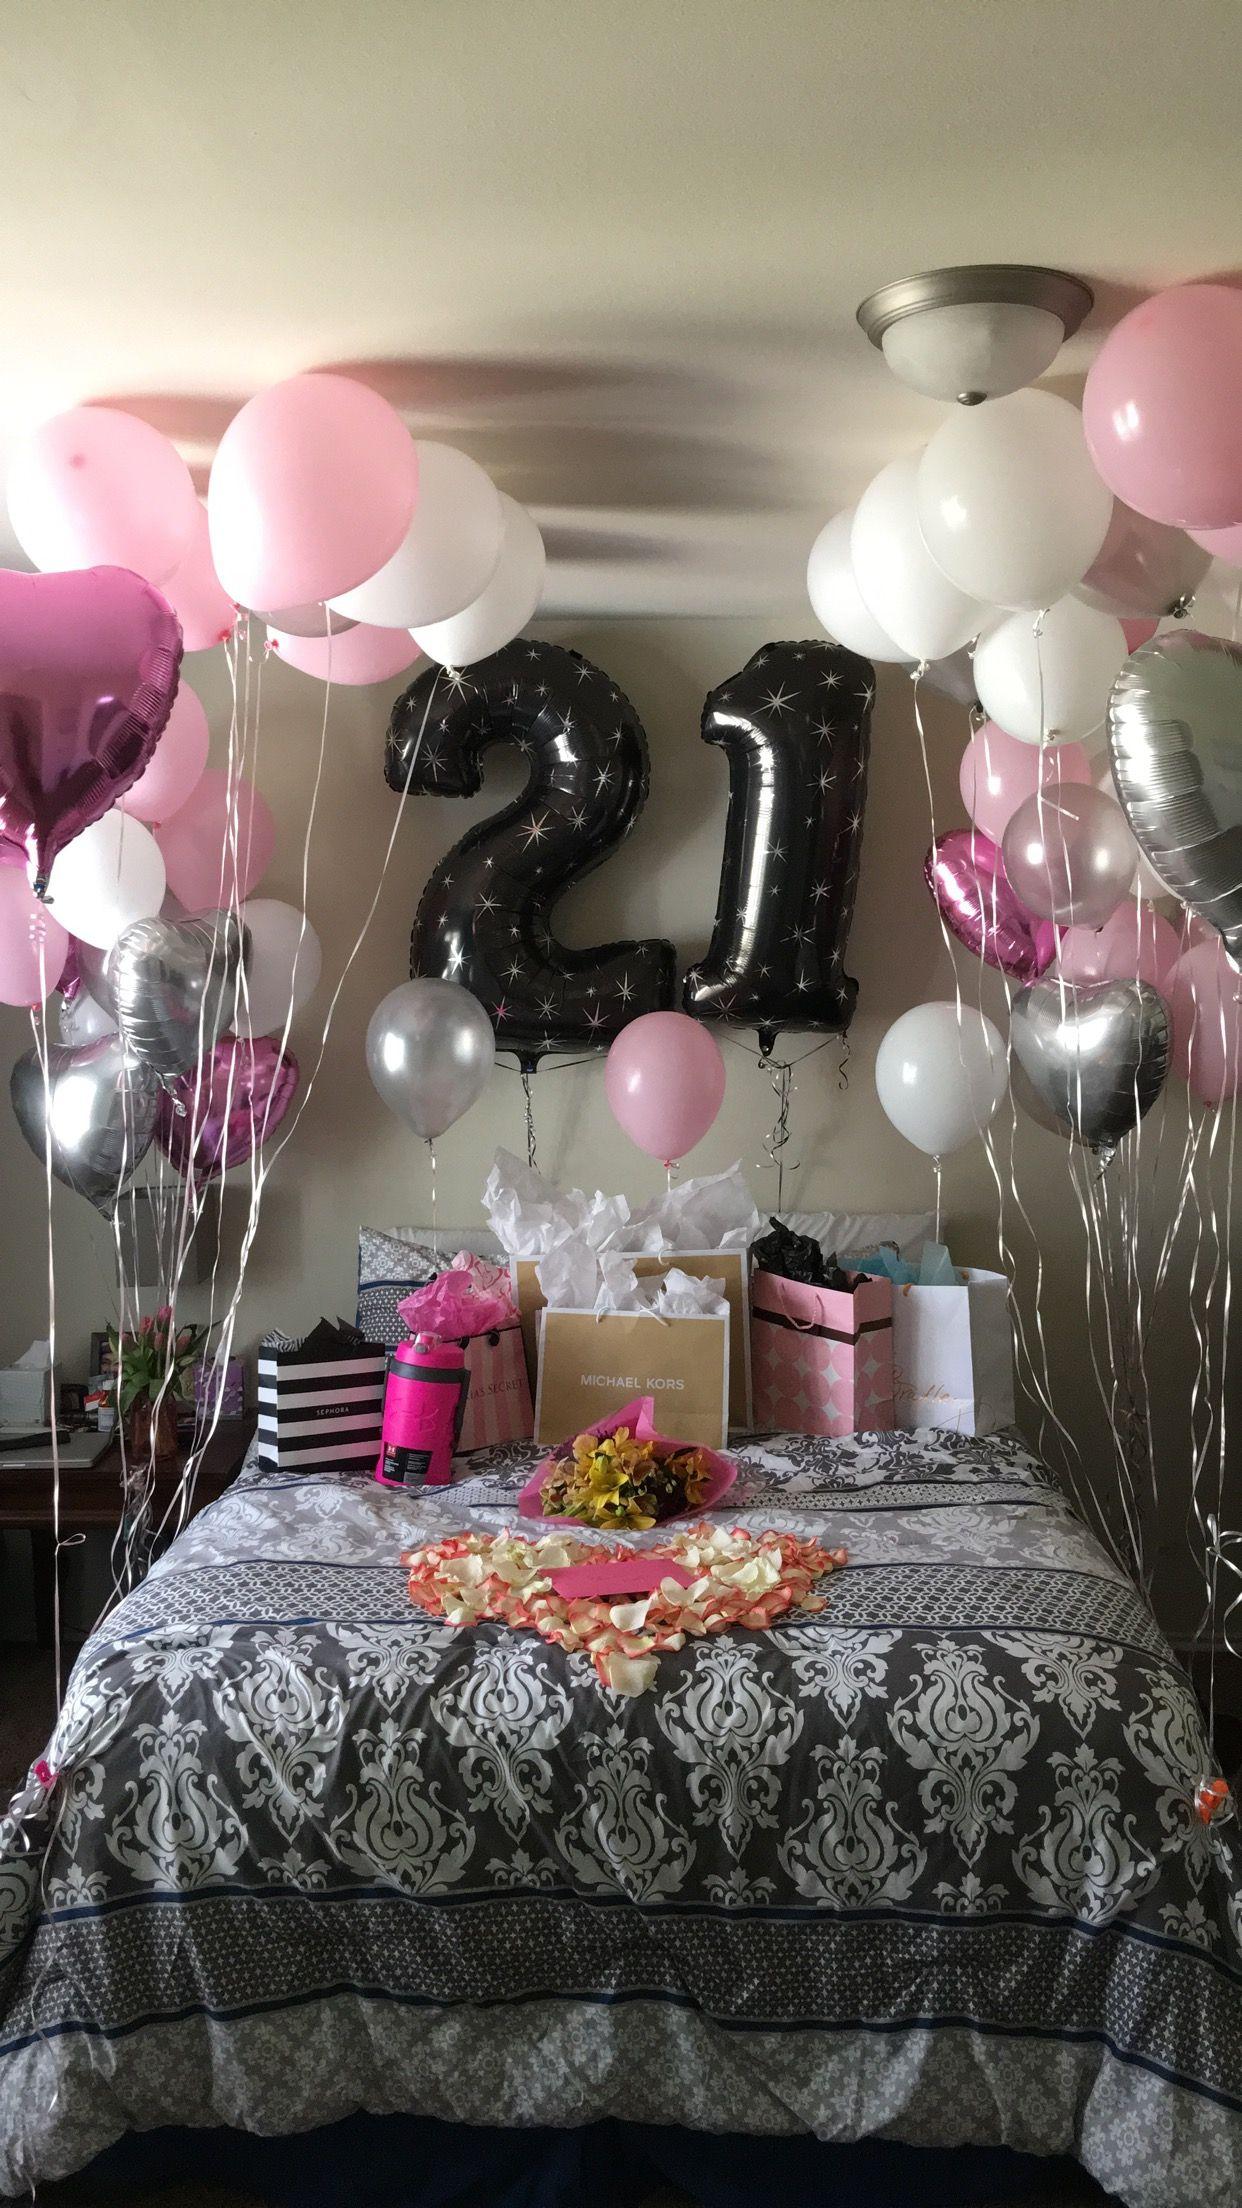 st birthday surprise also girlfriends rh pinterest